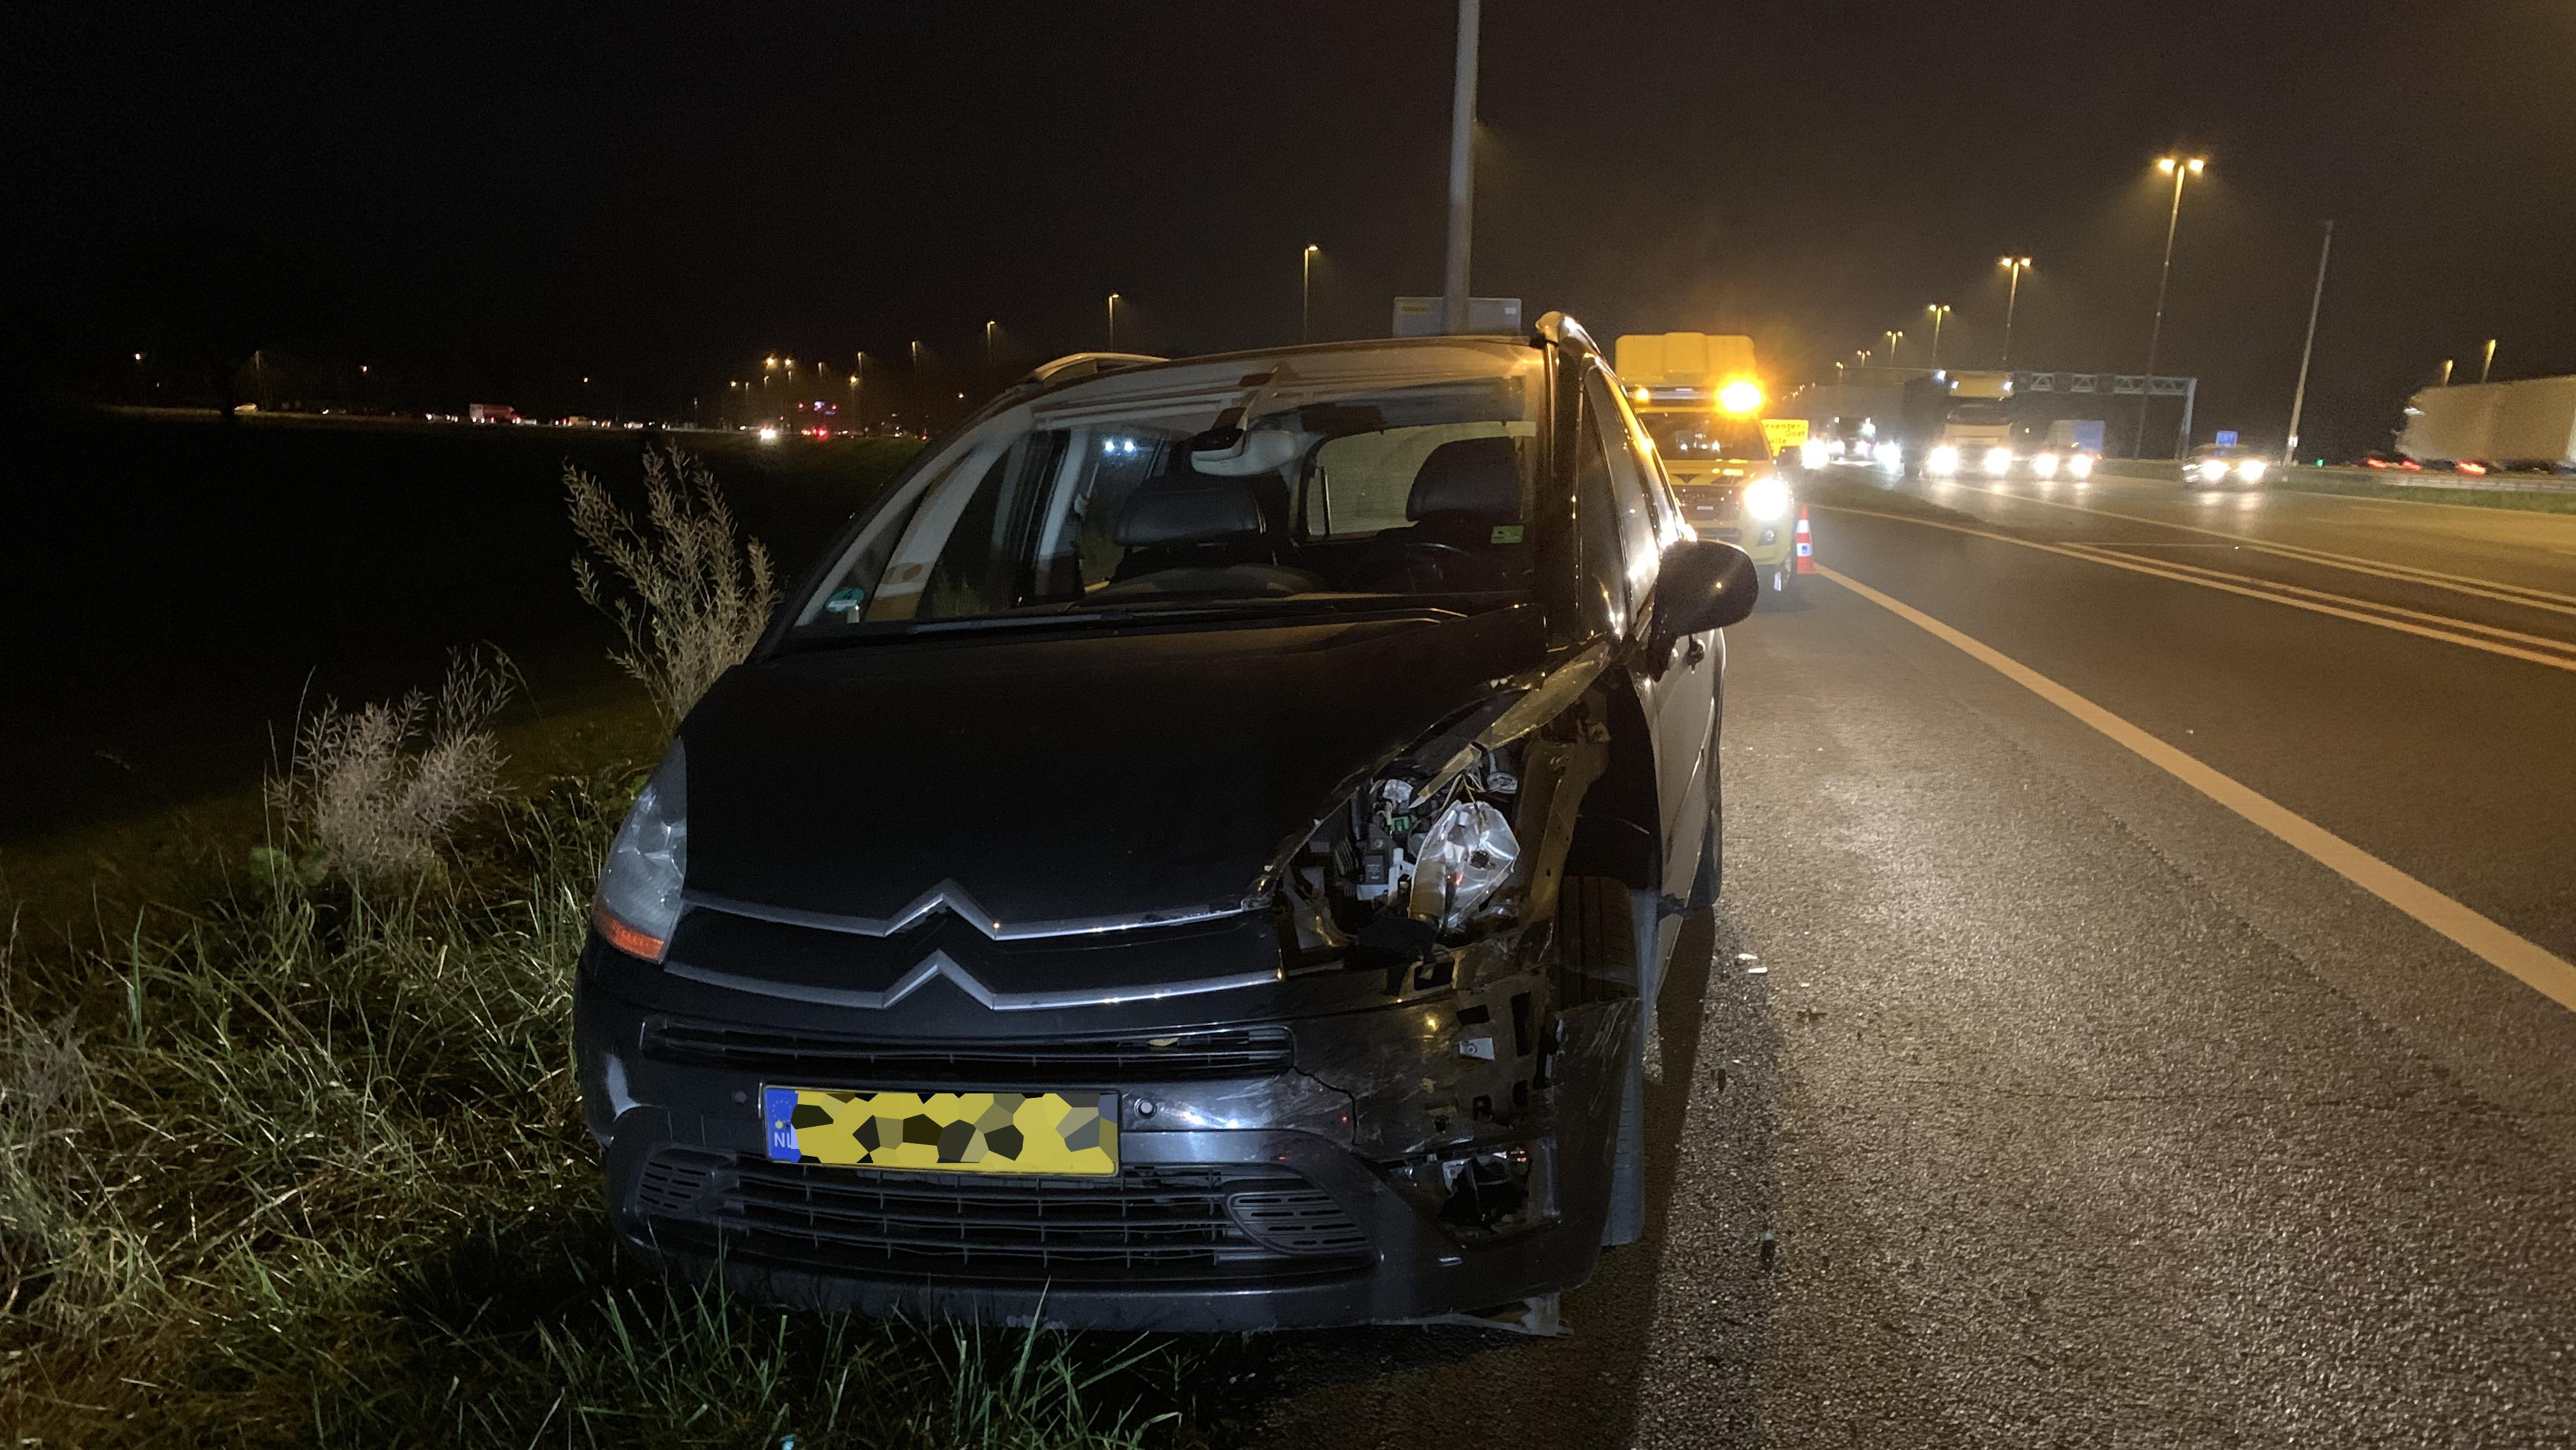 Derde ongeluk tijdens spits op A1 bij Deventer.